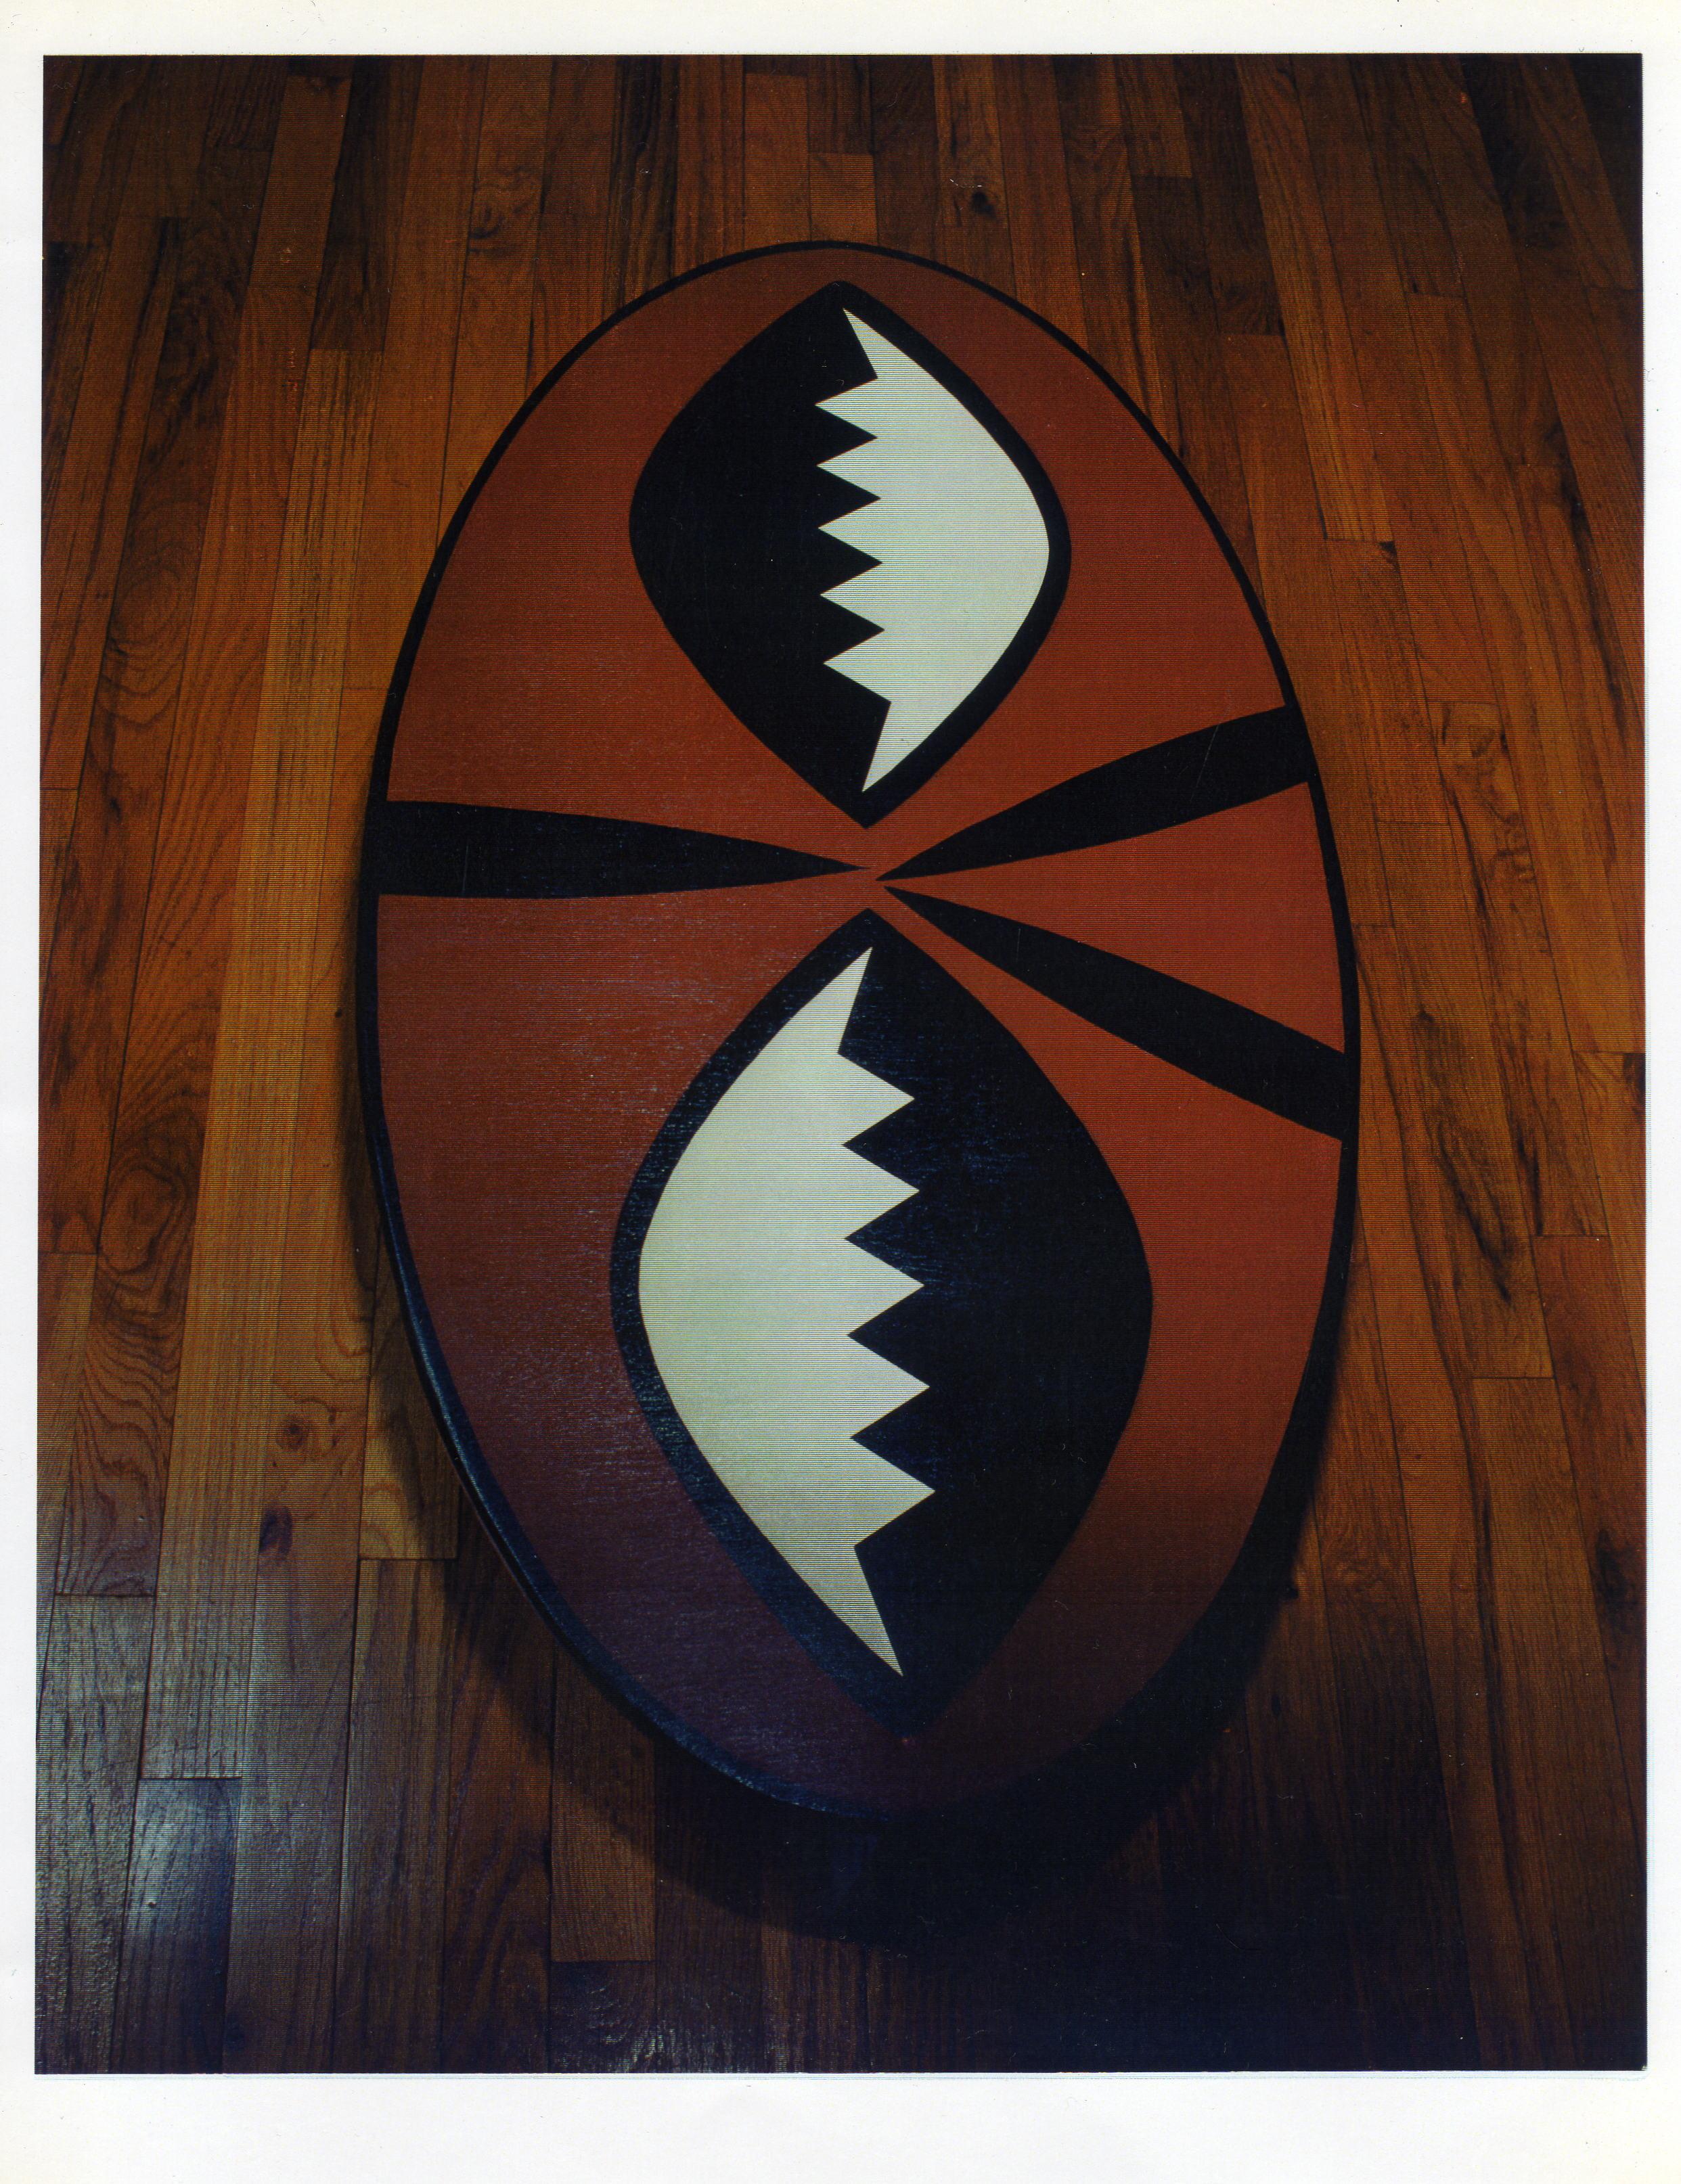 Maasai Shield Emblem Tables – Lucian Pinckney, ARTIST